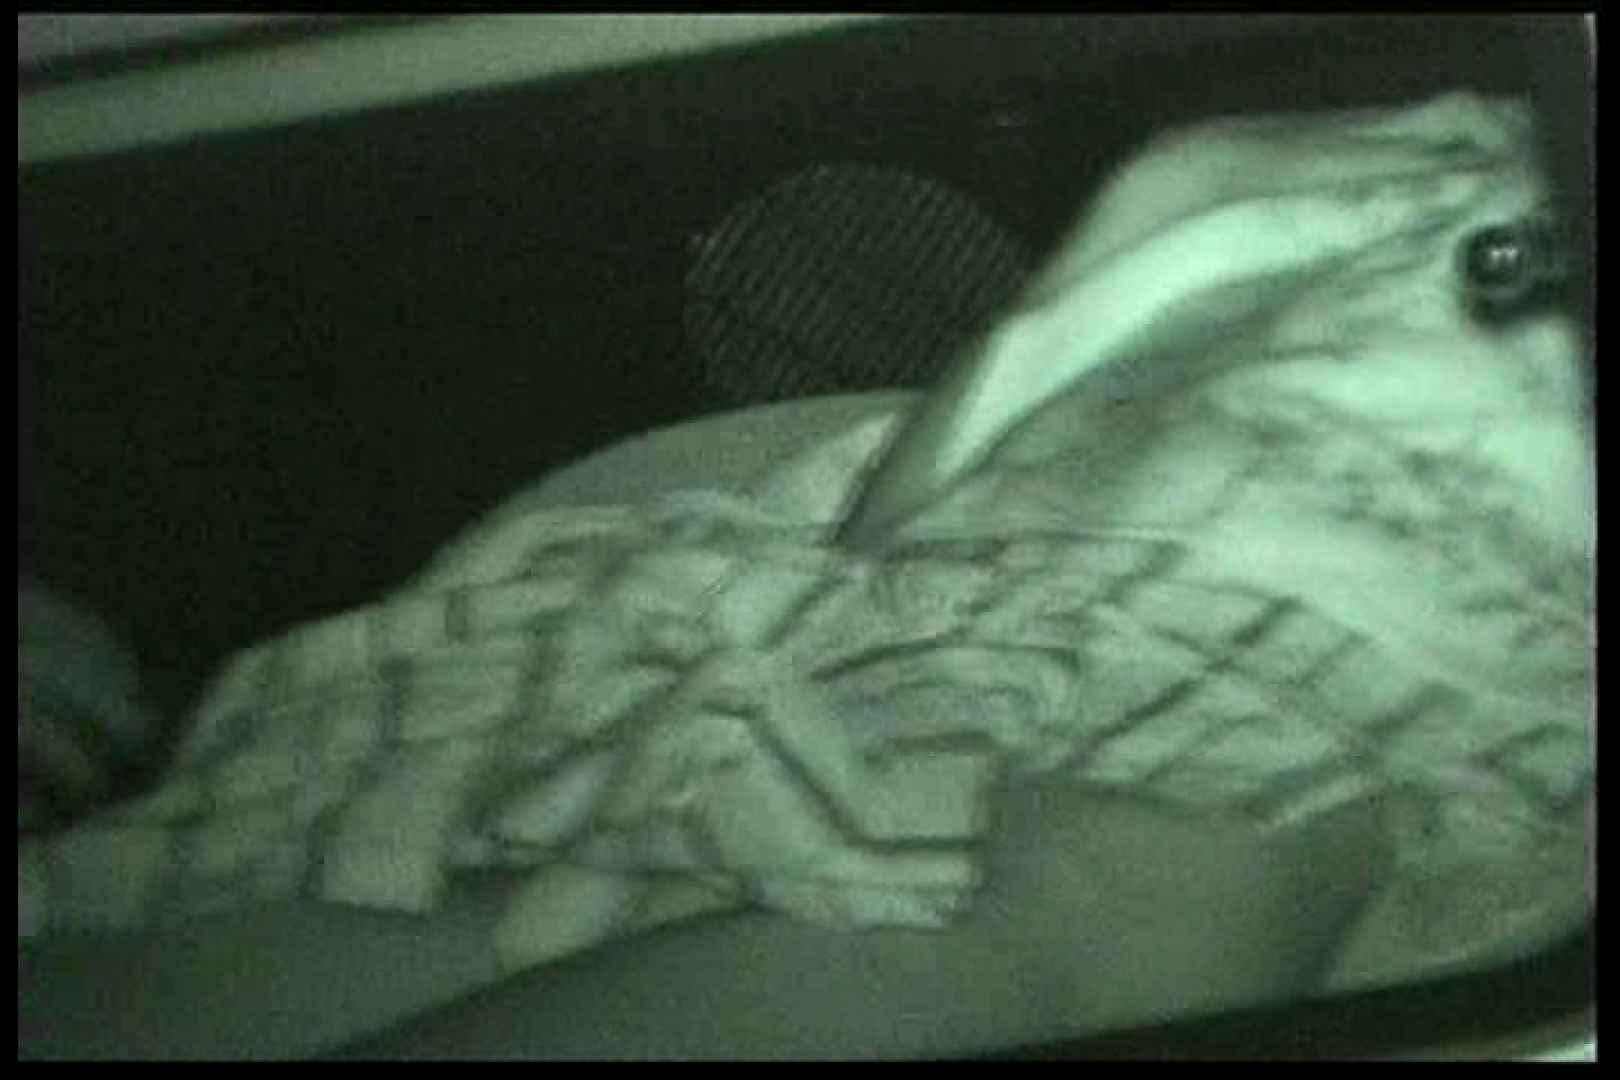 車の中はラブホテル 無修正版  Vol.13 無修正マンコ 隠し撮りオマンコ動画紹介 65PIX 8